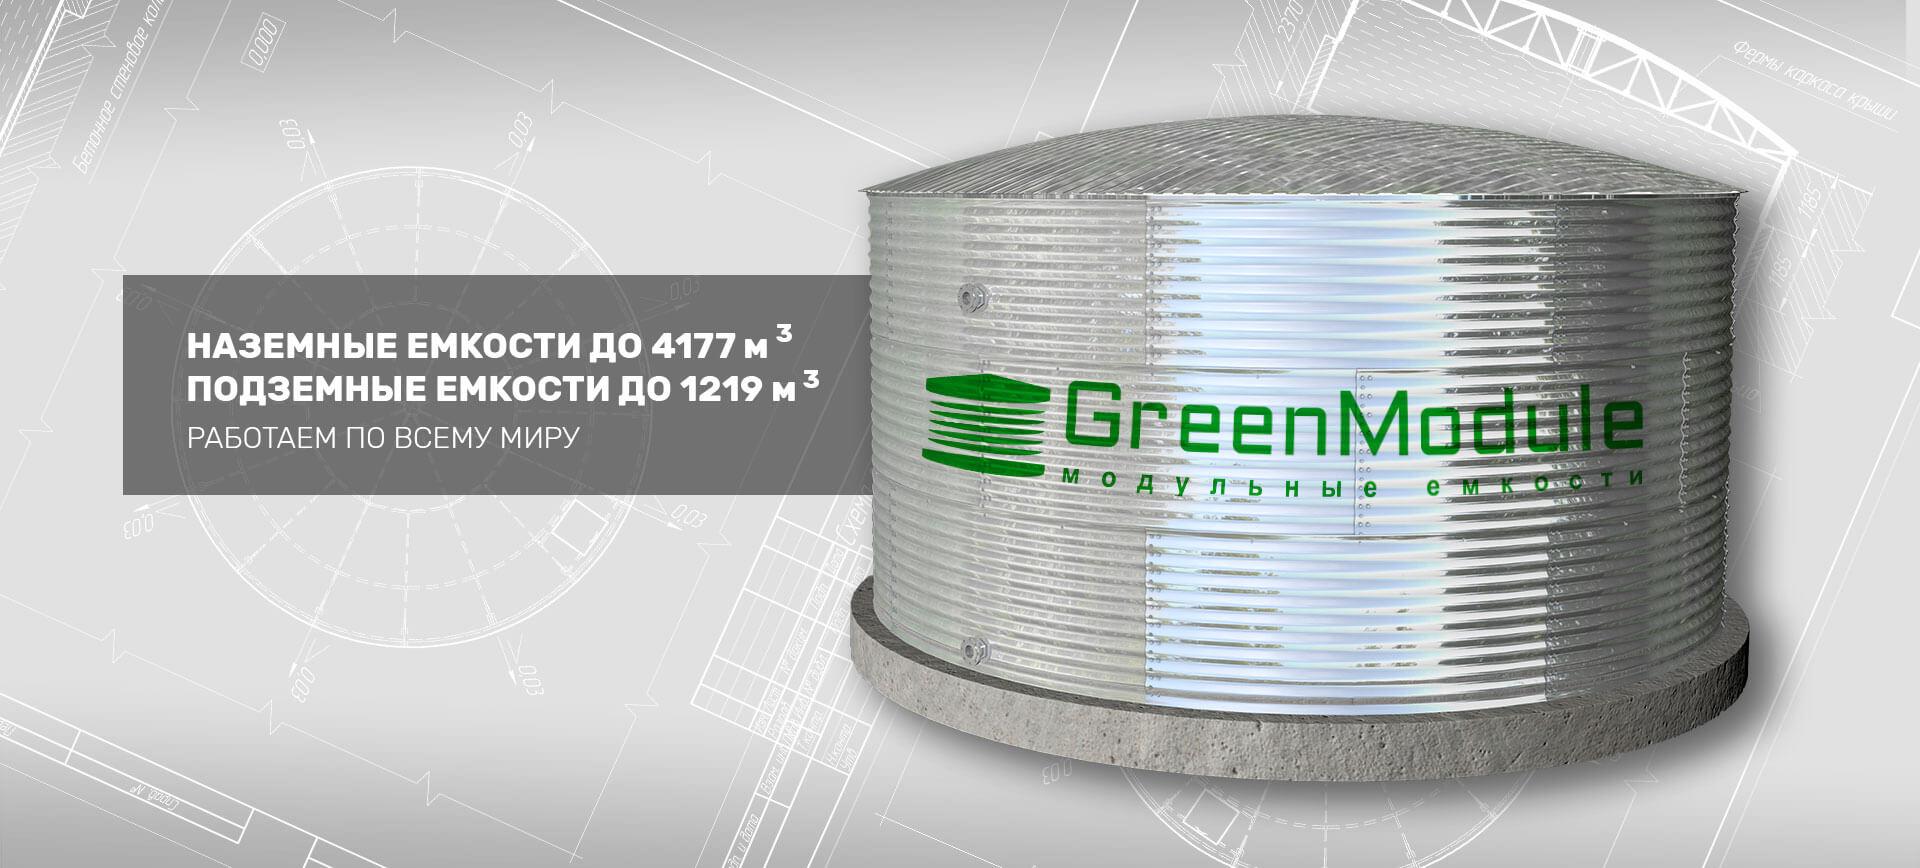 Модульные емкости Green Module